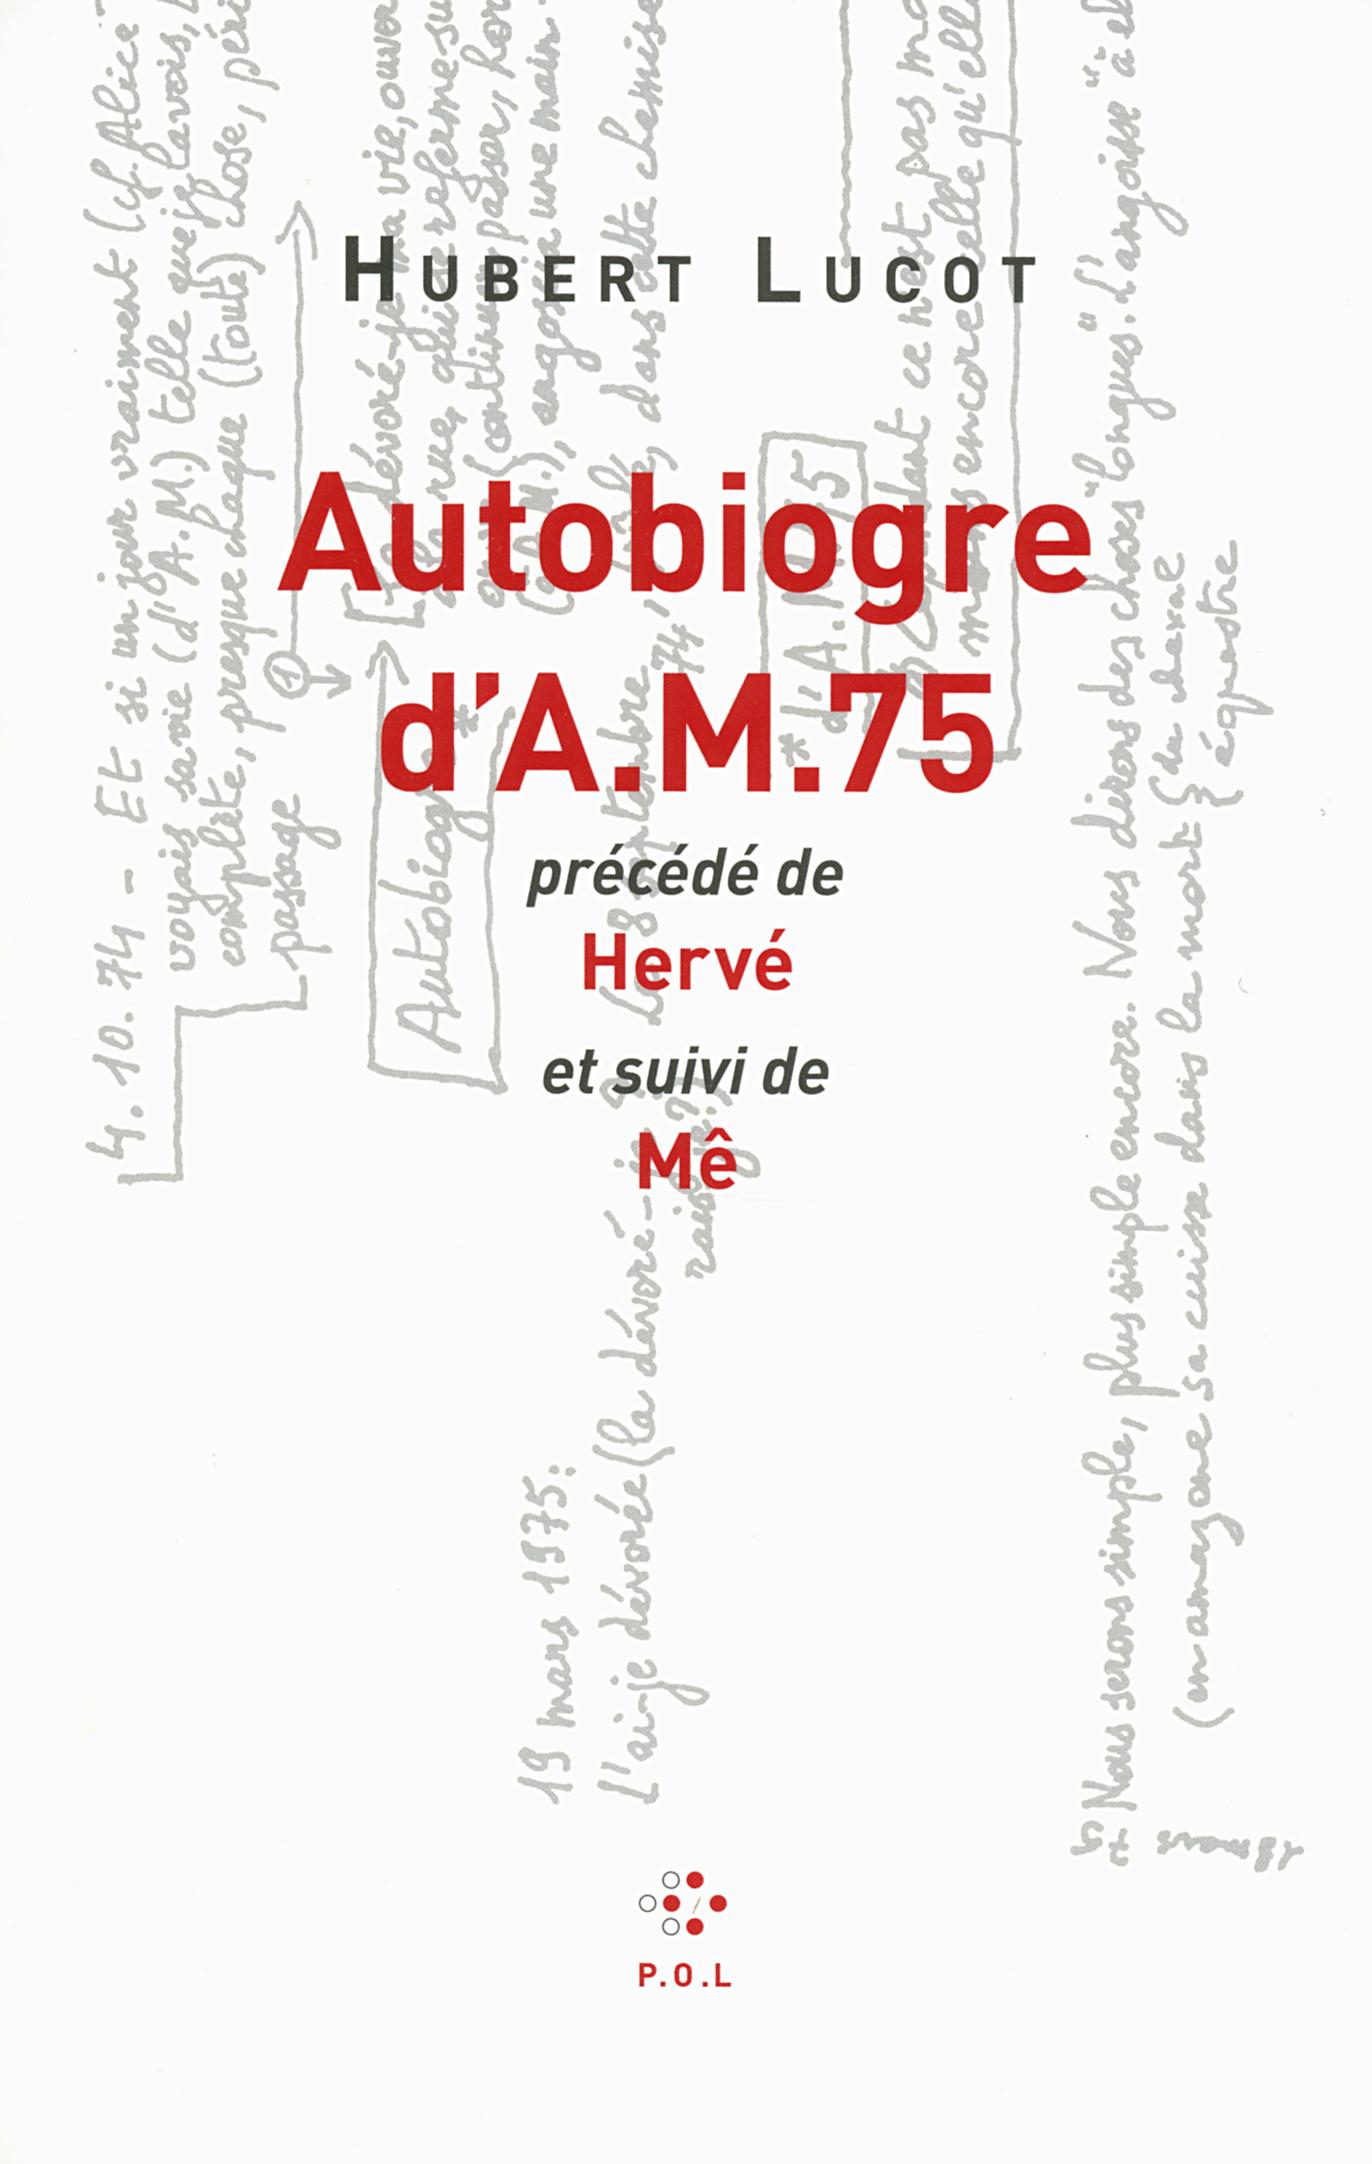 AUTOBIOGRE D'AM 75/HERVE/ME